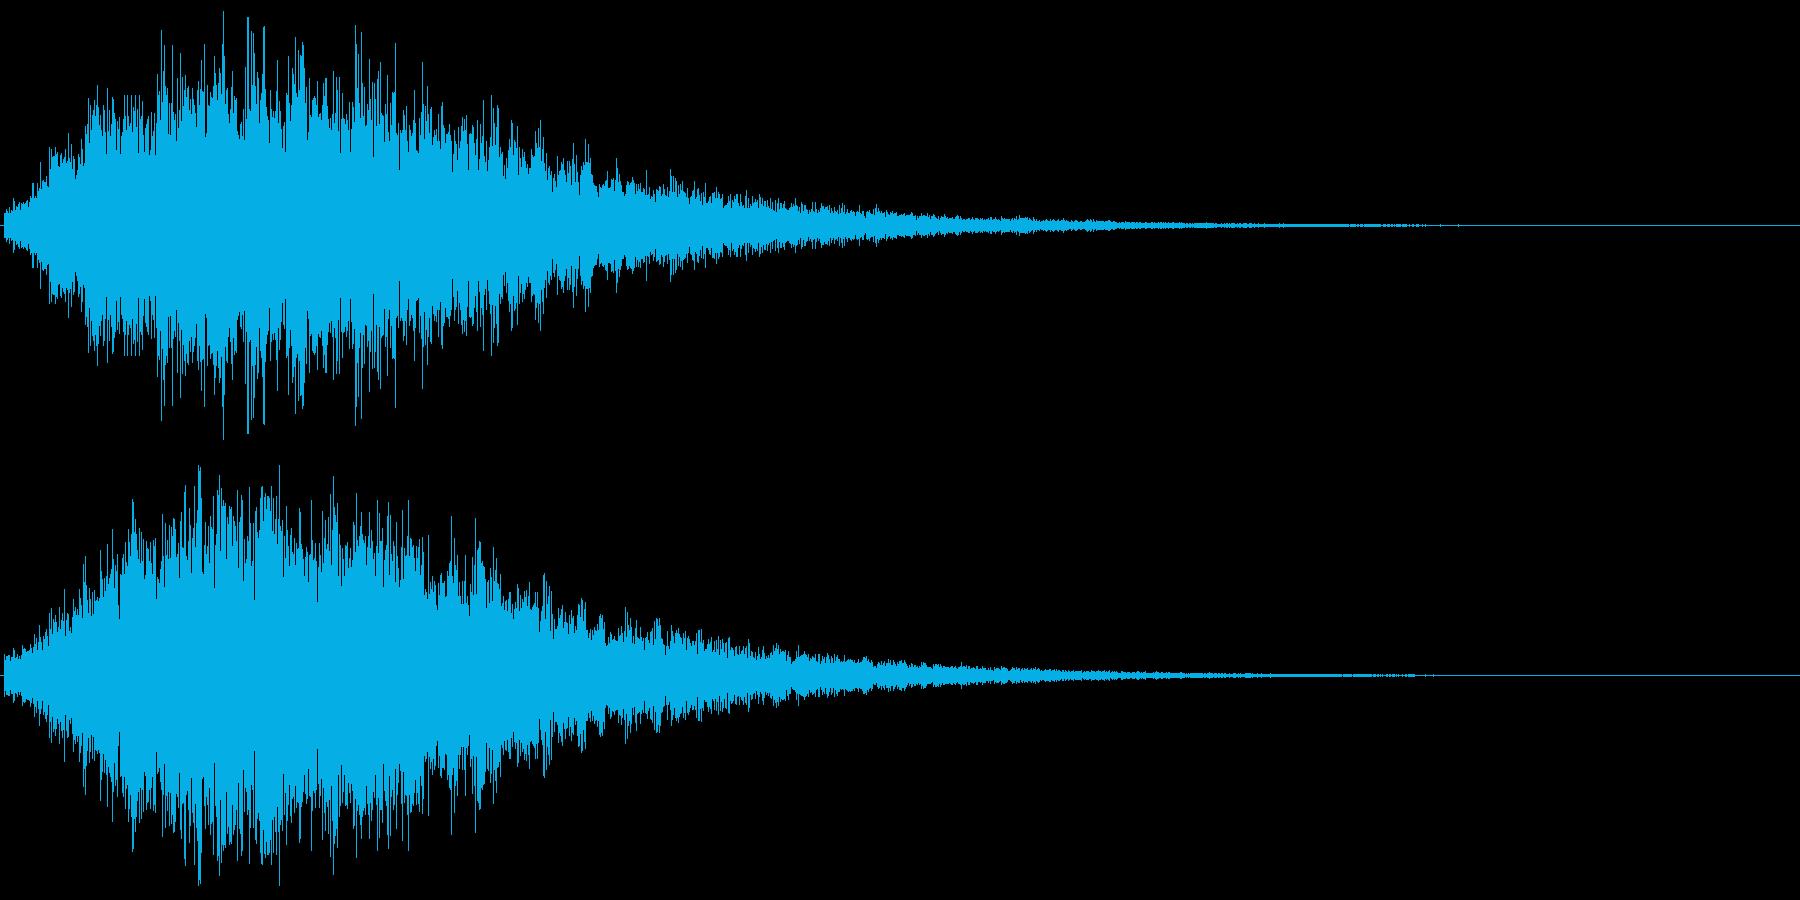 非常に重いリバーブ、音楽、パーカッ...の再生済みの波形